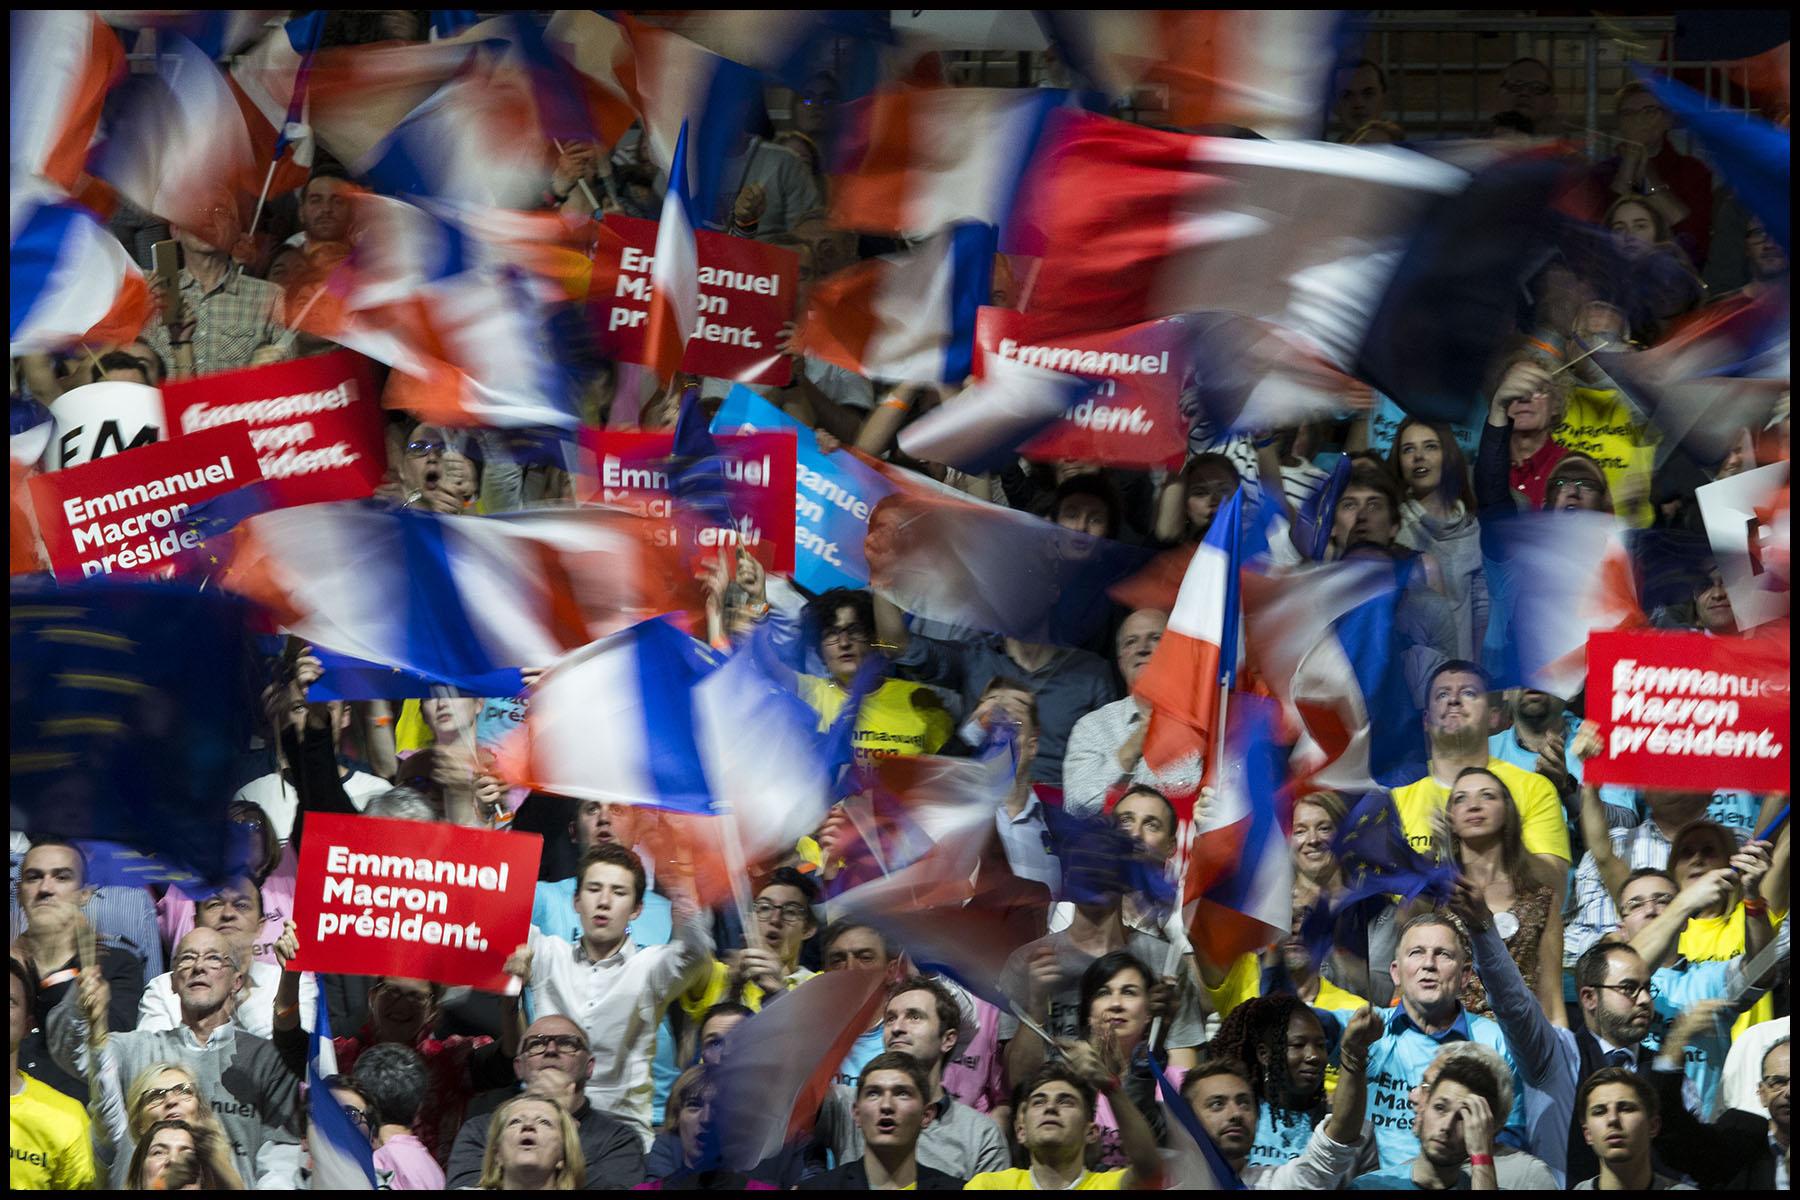 Discours d'Emmanuel Macron, le leader du mouvement En Marche! et candidat à l'élection présidentielle de 2017, au palais des sports de Lyon.